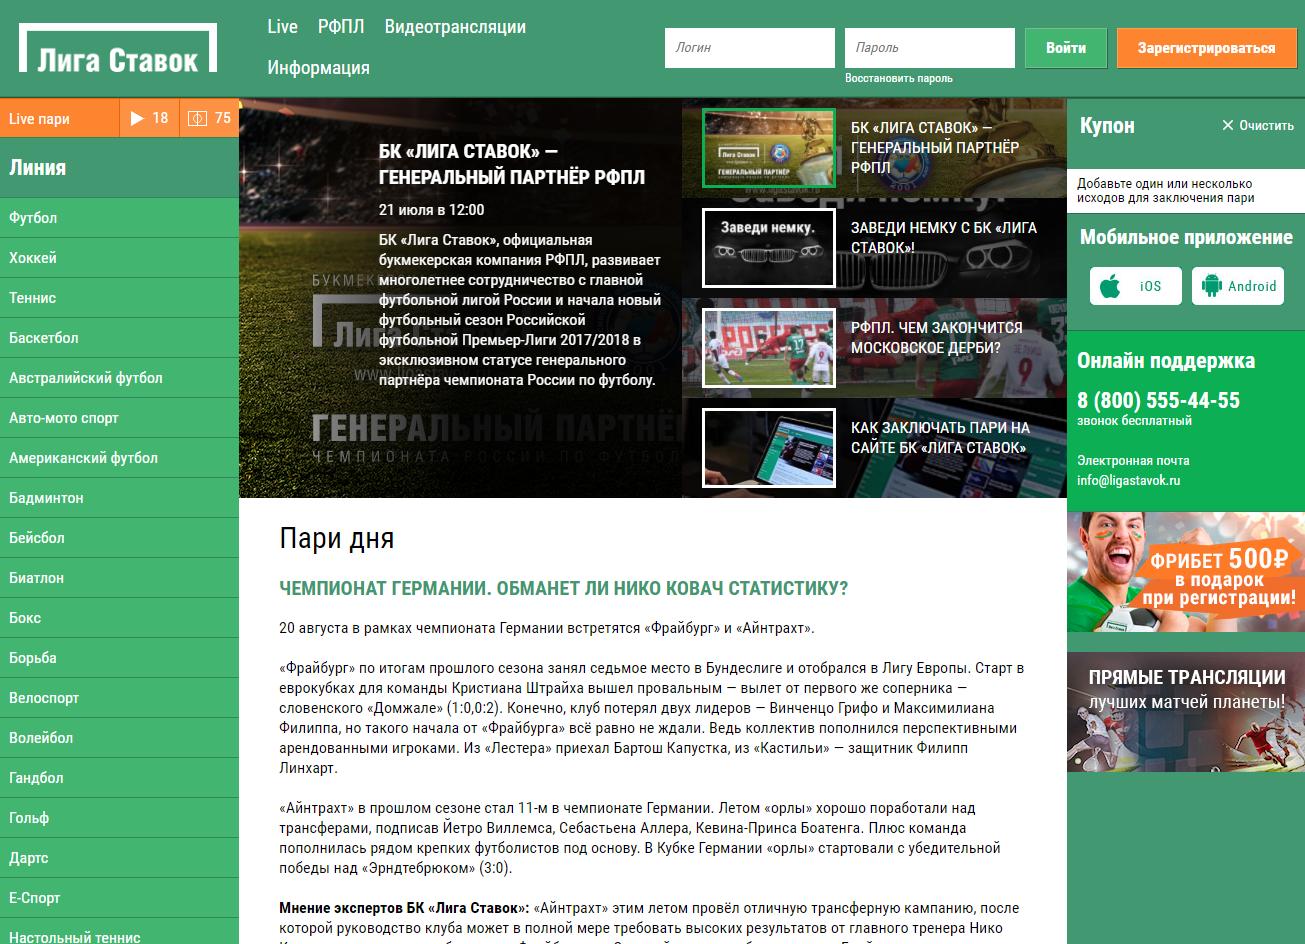 Сайт букмекера Лига Ставок